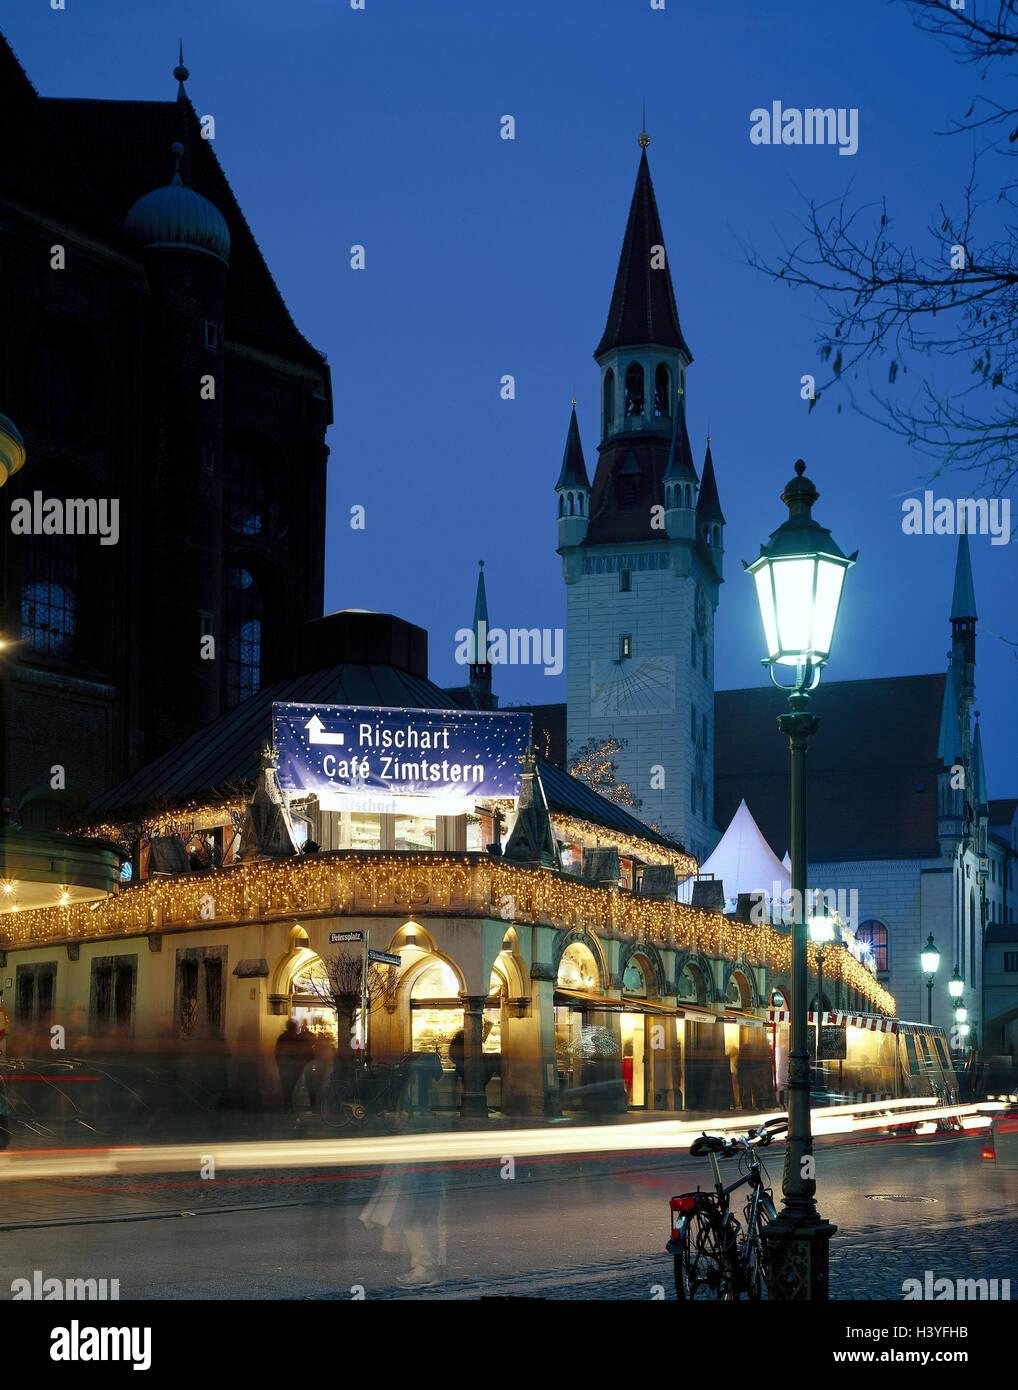 Weihnachtsbeleuchtung Für Draußen.Deutschland Oberbayern München Viktualienmarkt Rischart Café